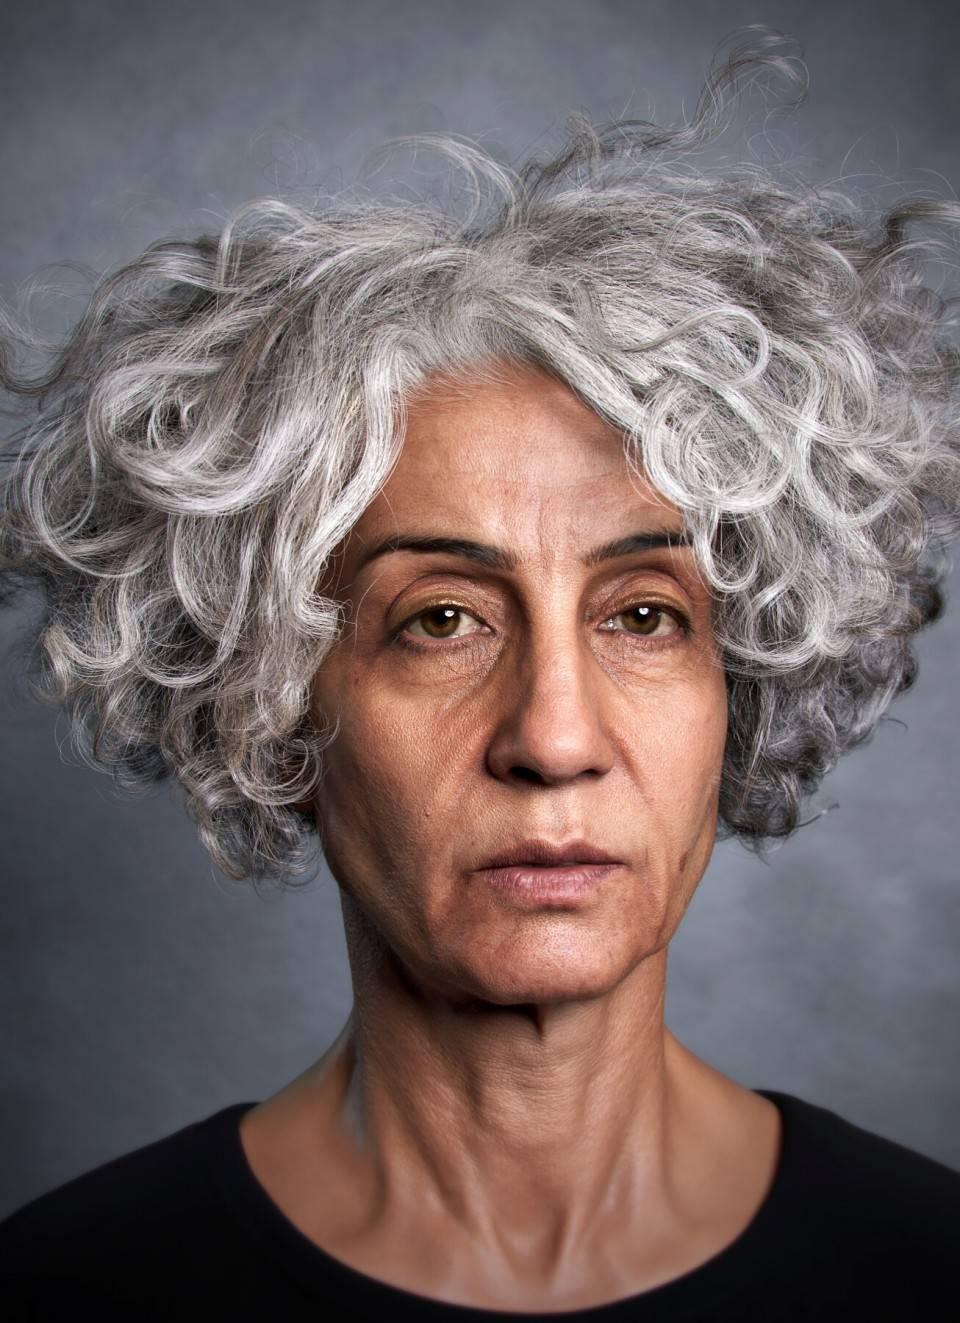 人物角色数字头像 (建模、雕刻、纹理) 创作图文工作流程 (7) DIGITAL FACE 眉毛、睫毛、毛发等超强高级解析教程 - R站|学习使我快乐! - 24